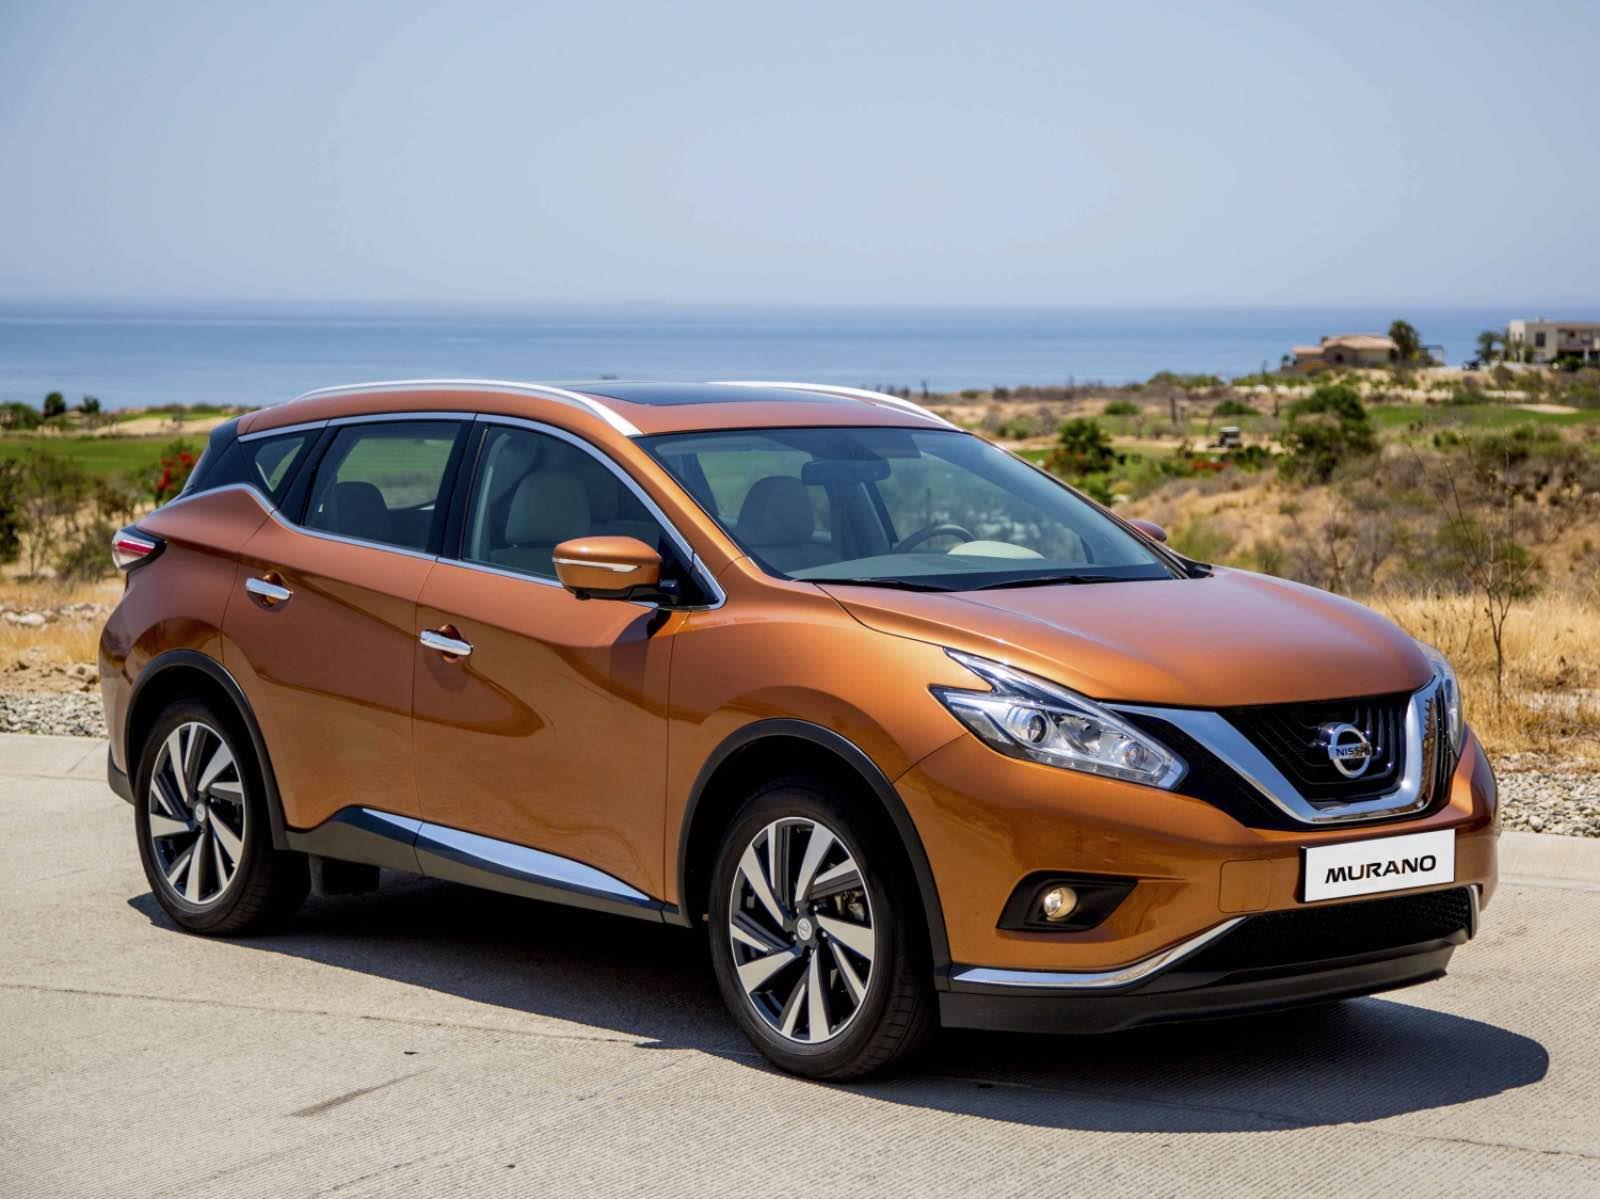 2016 Toyota Venza >> Nissan Murano 2017:diferente e innovador | Lista de Carros